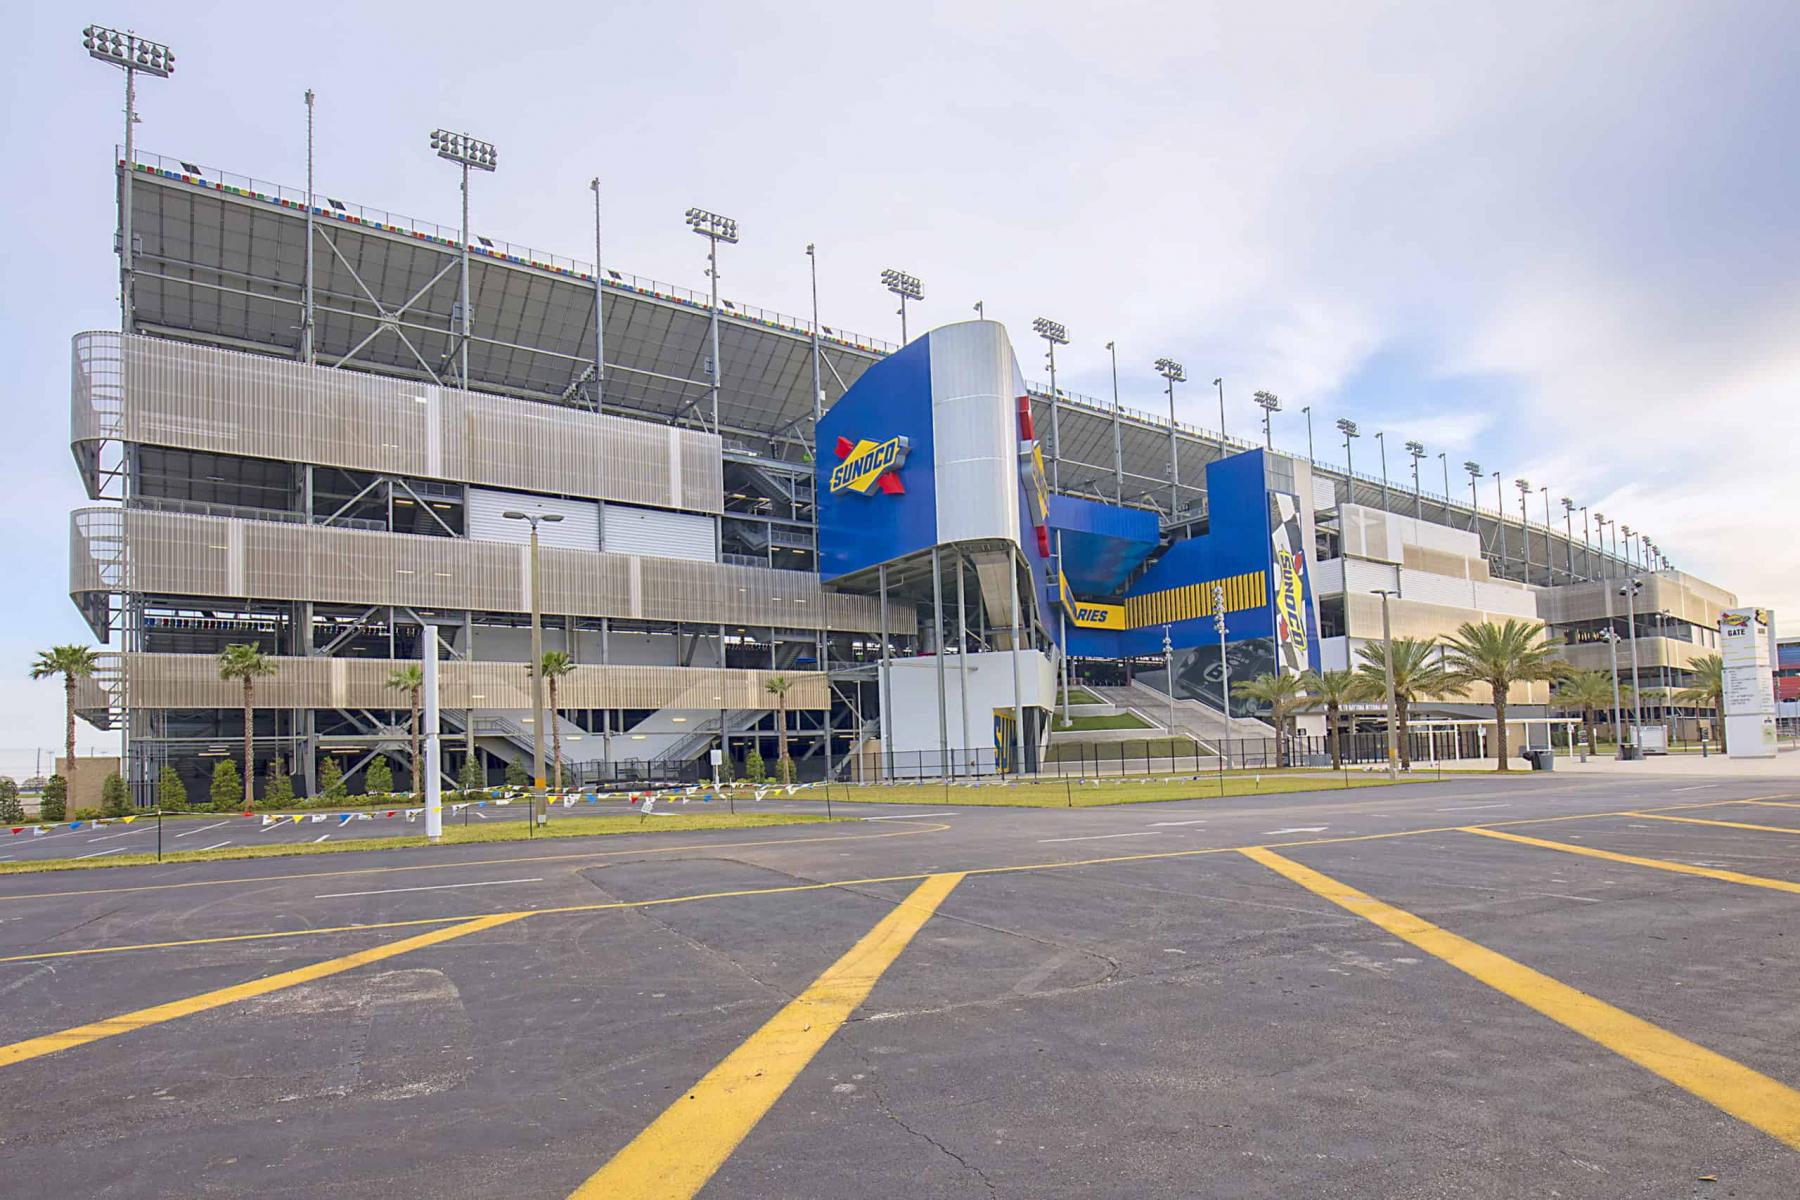 Noch sind die Parkplätze leer. Zuschauer werden aber auch am Wochenende nicht zugelassen.